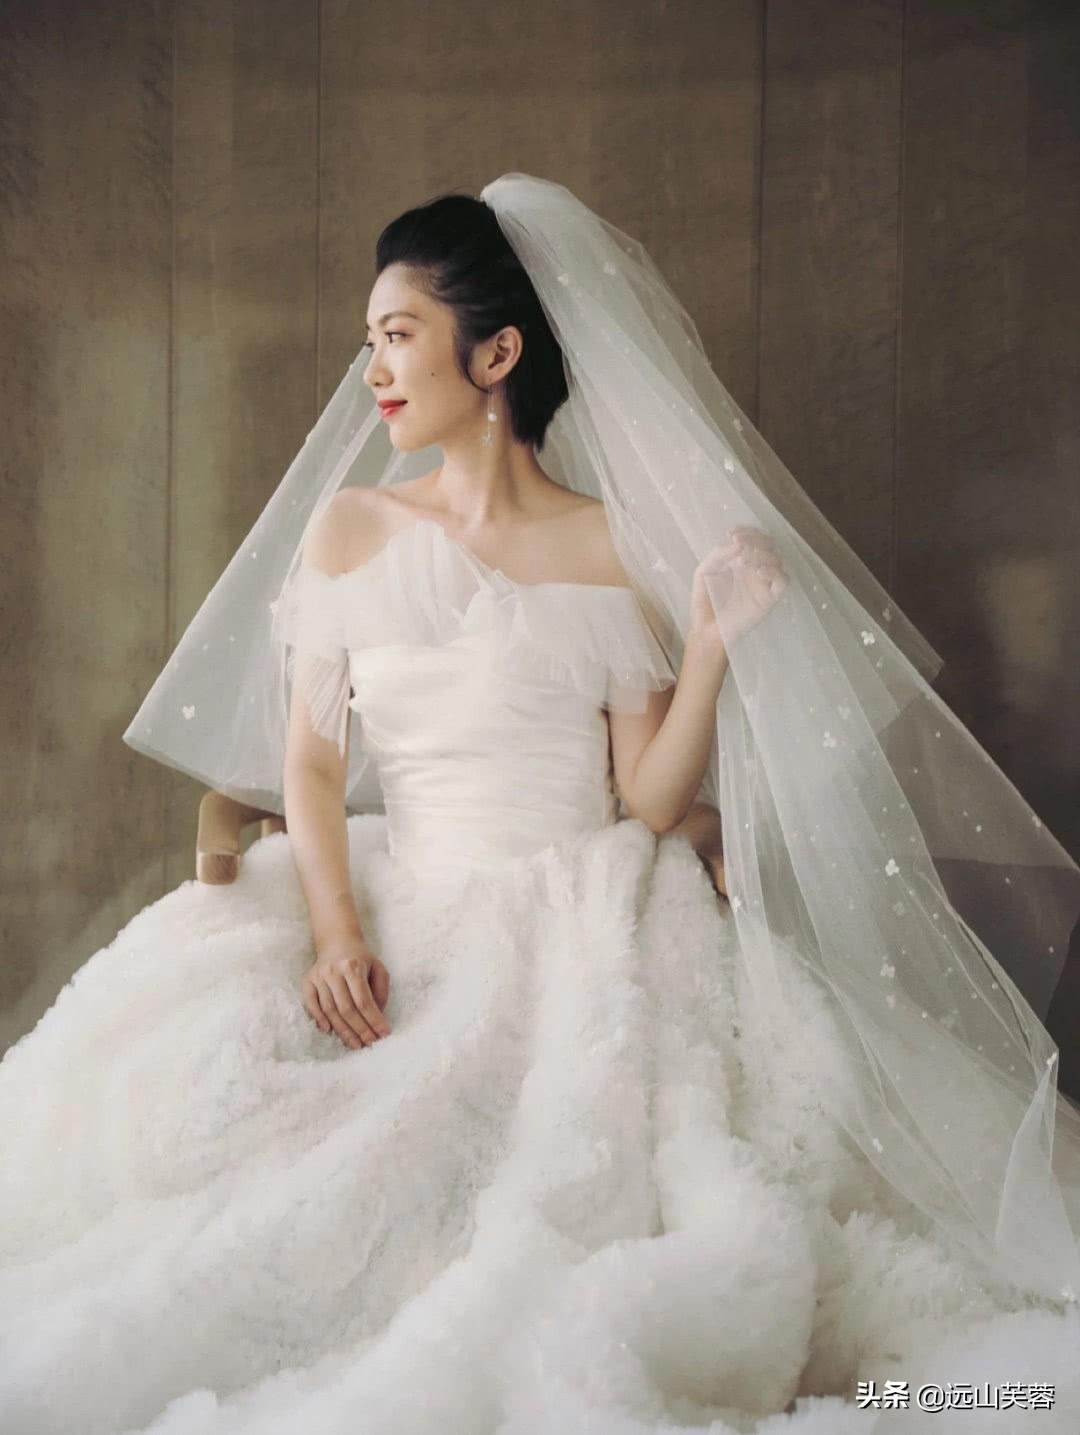 女性穿上婚纱的时候最美-8.jpg